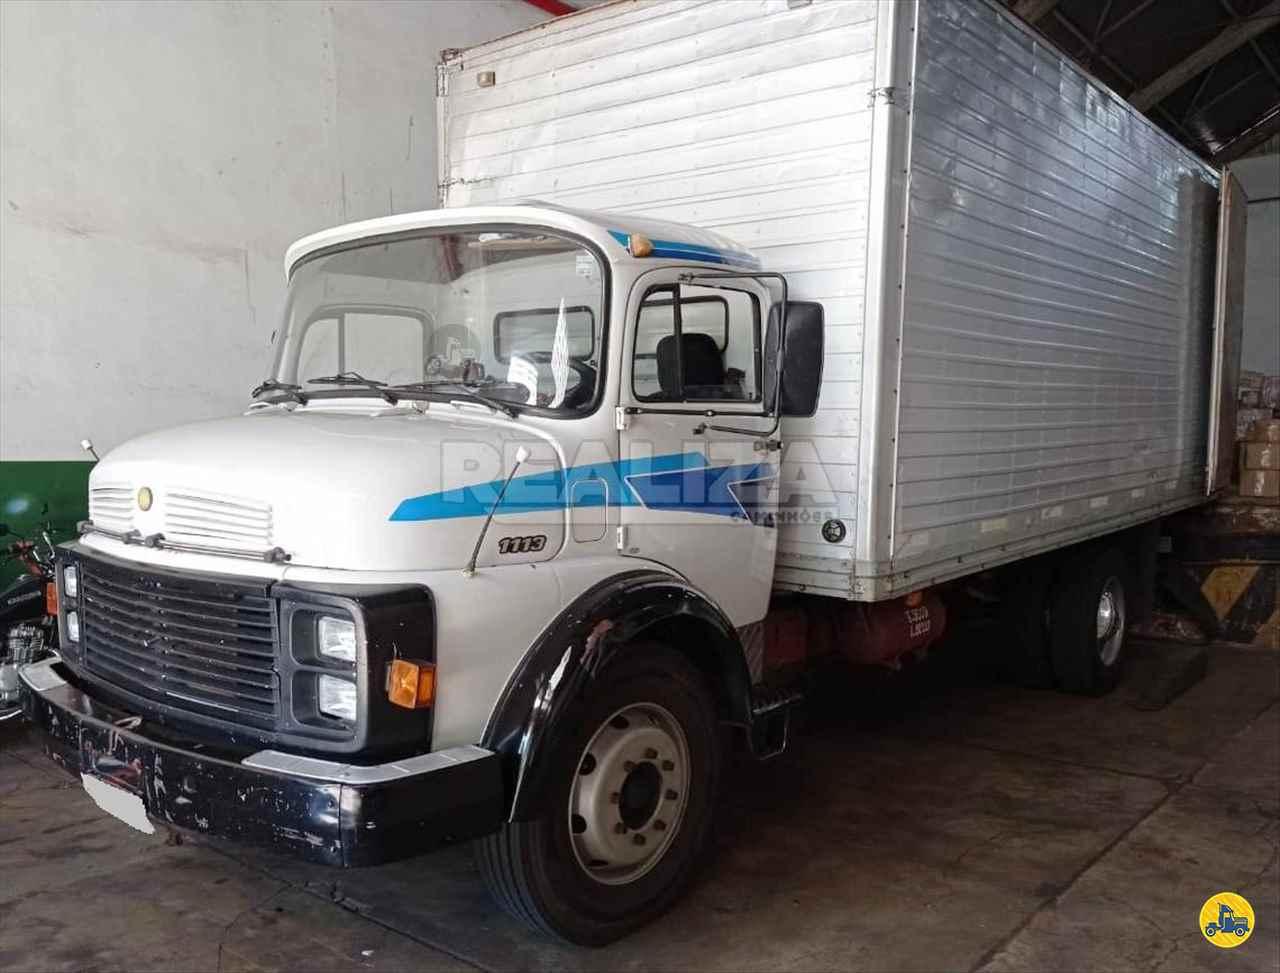 CAMINHAO MERCEDES-BENZ MB 1113 Baú Furgão Toco 4x2 Realiza Caminhões - Umuarama UMUARAMA PARANÁ PR